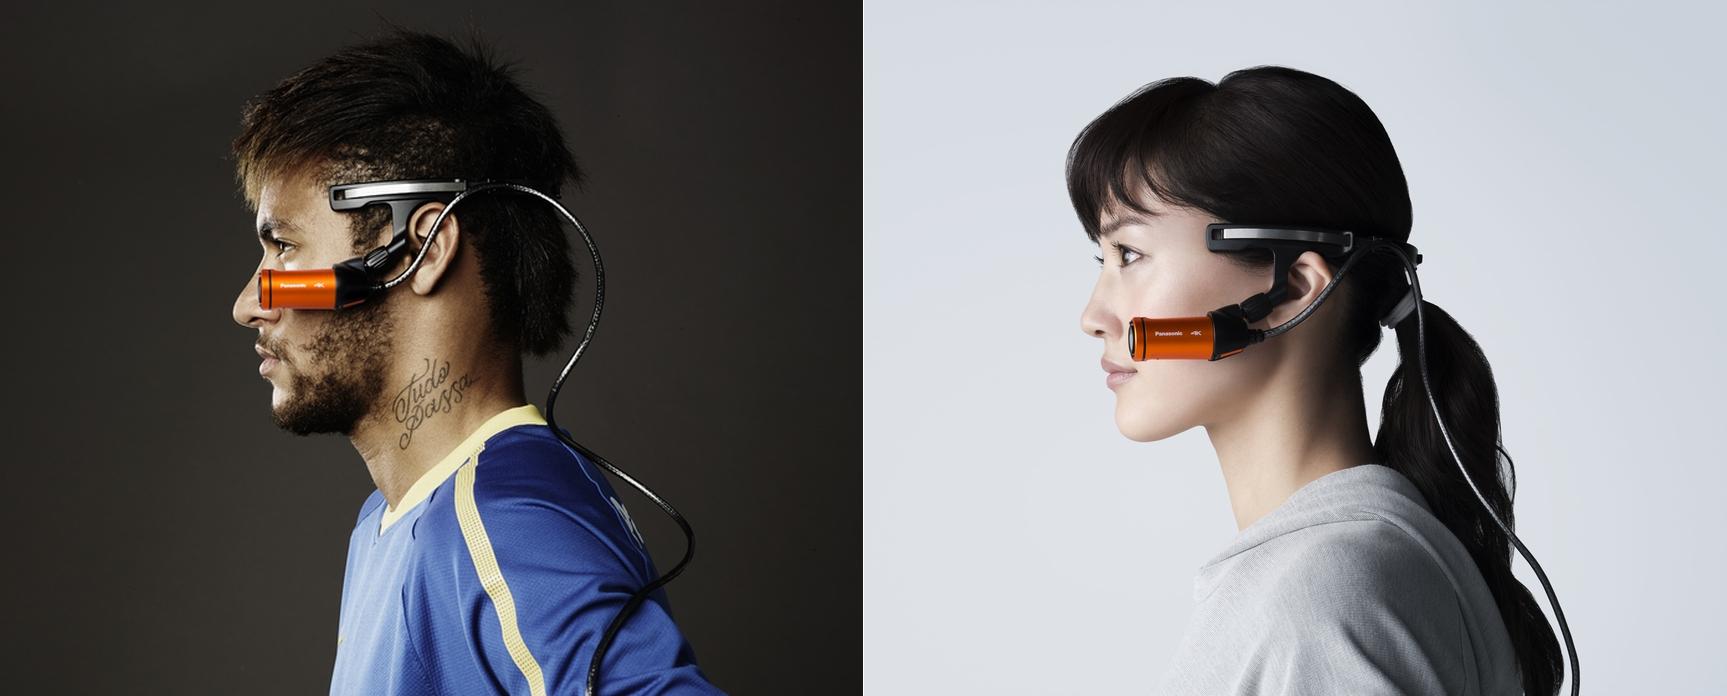 ネイマールJr.、綾瀬はるかはその目で何を見るのか。4K A500目線ムービー公開